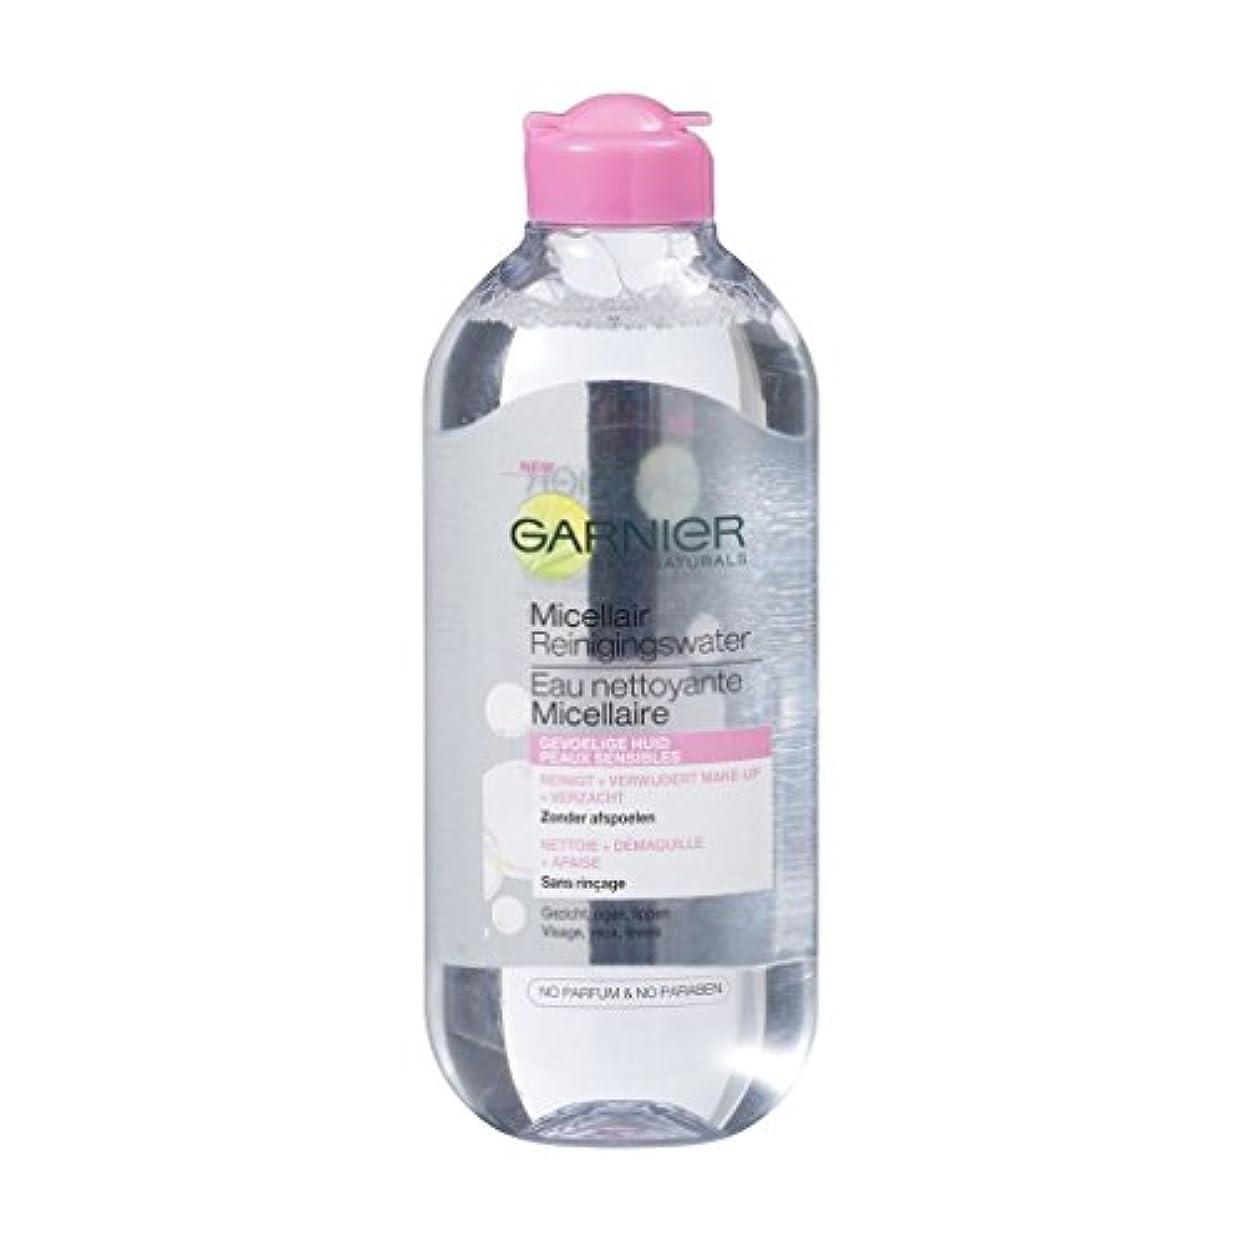 モート枯れる特派員ガルニエ SkinActive Micellar Water (No Perfume & Paraben) - For Sensitive Skin 400ml/13.3oz並行輸入品